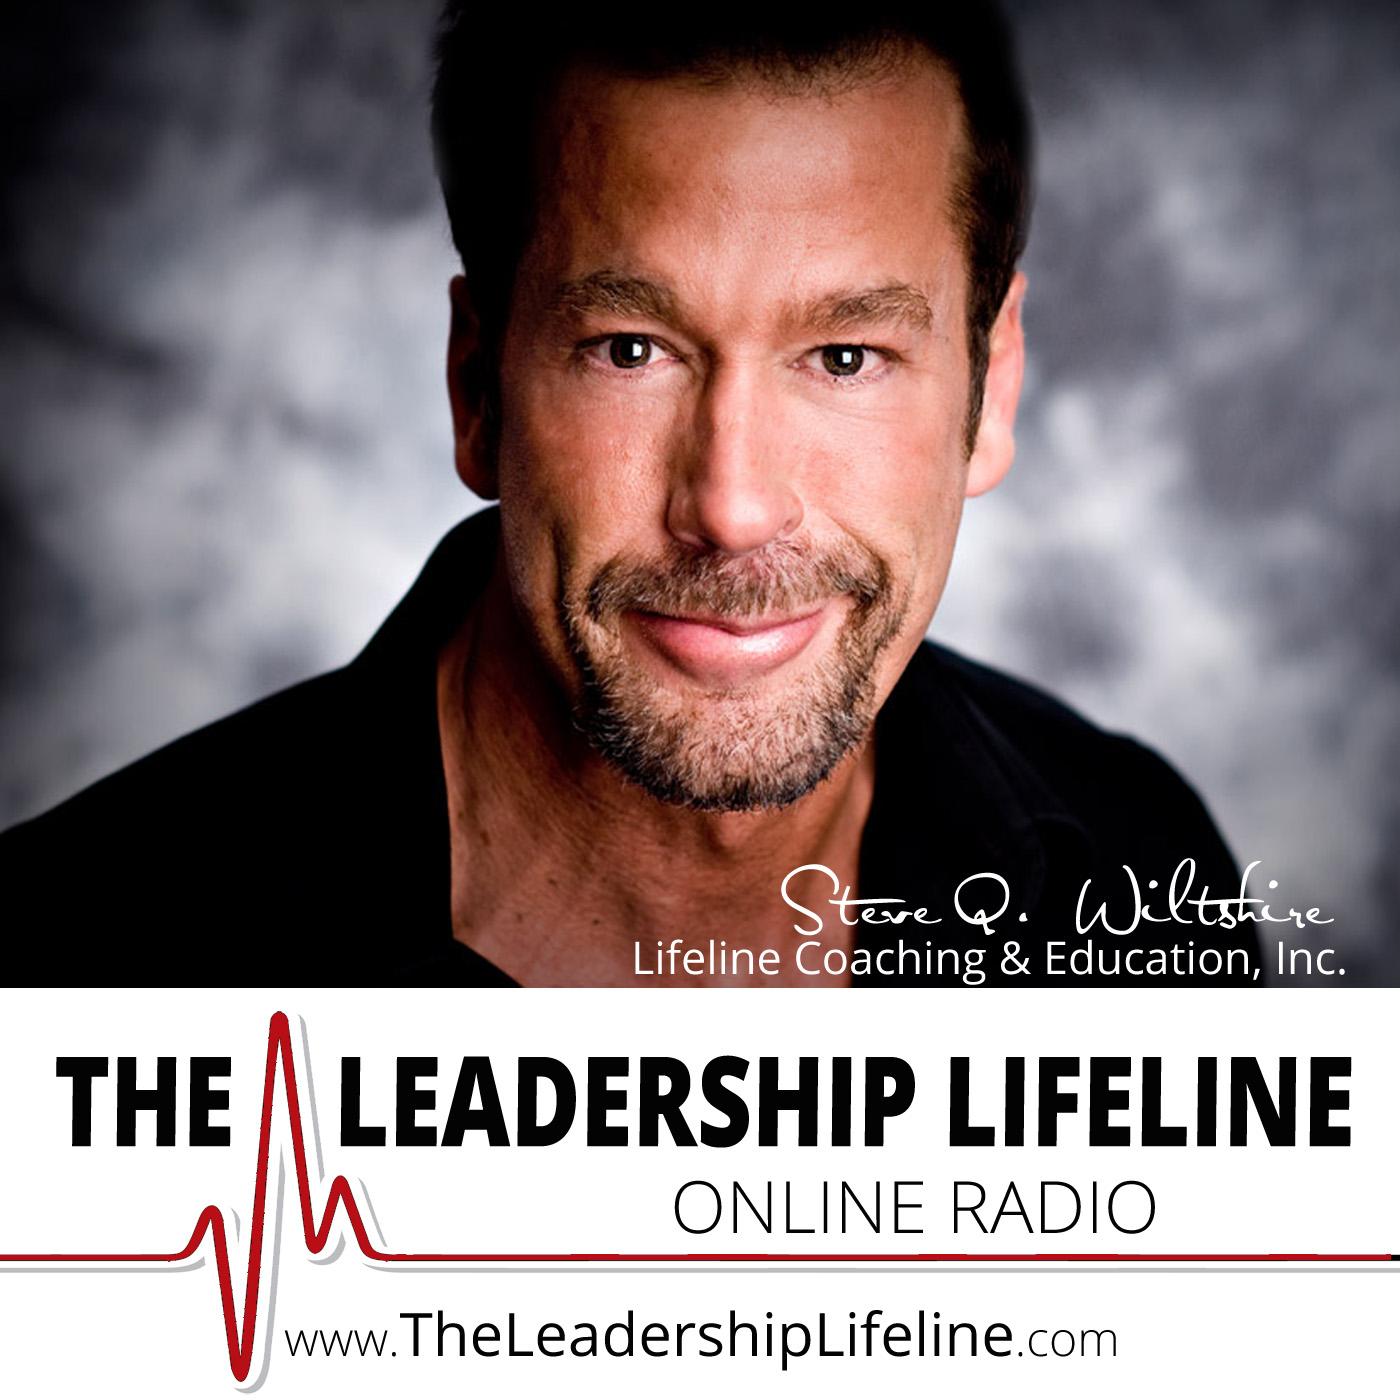 The Leadership Lifeline